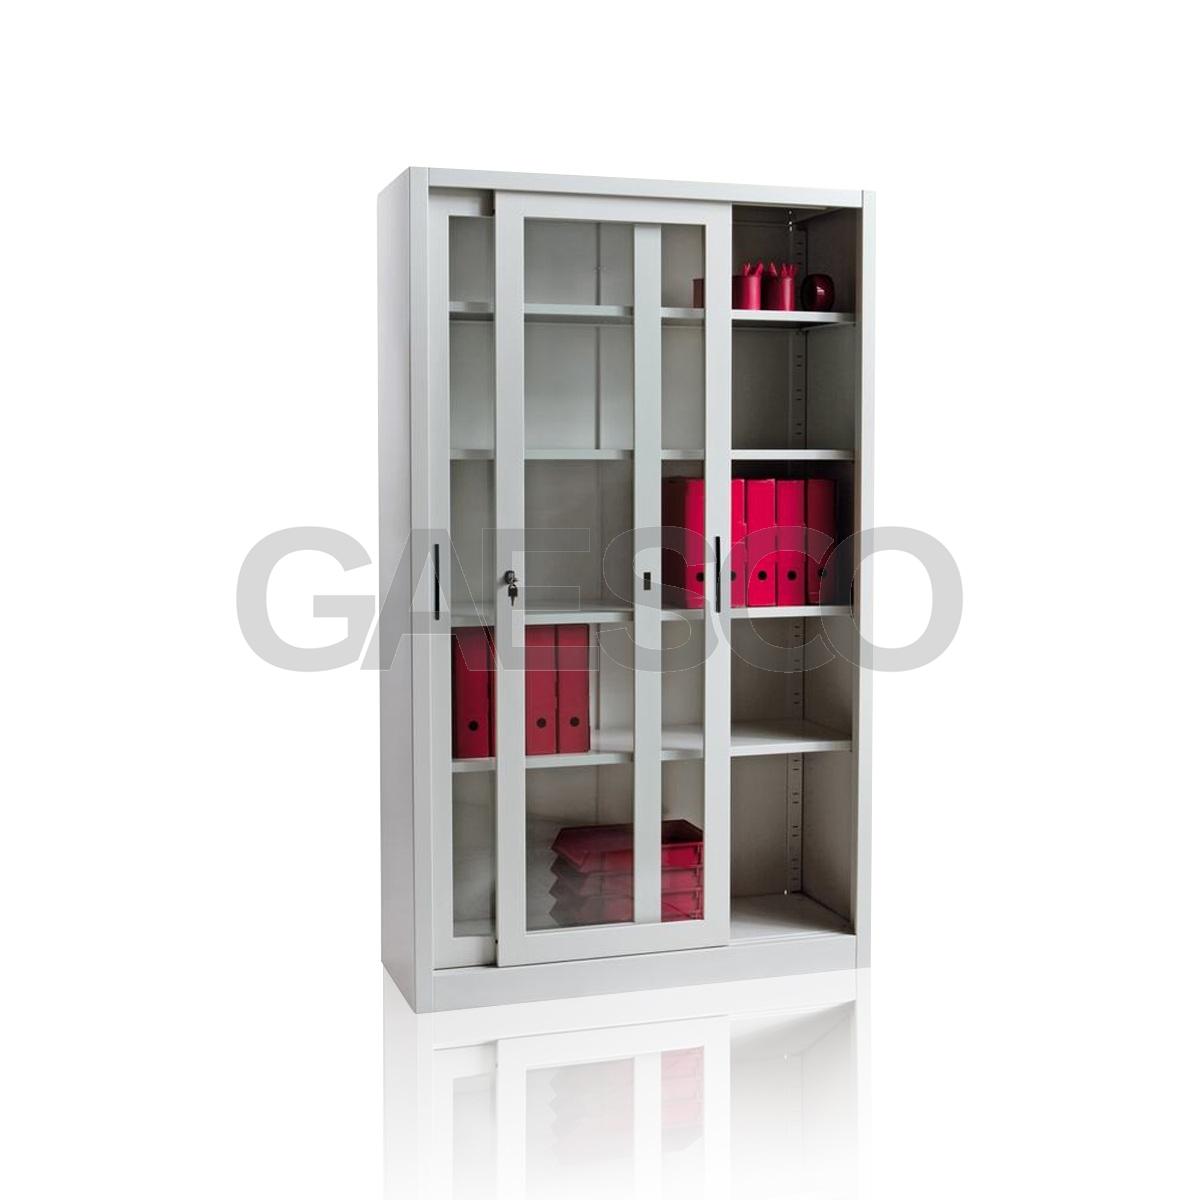 Porta Scorrevole Vetro 120 Cm armadio a porte scorrevoli in vetro temp. 4 ripiani cm. 120x37x200